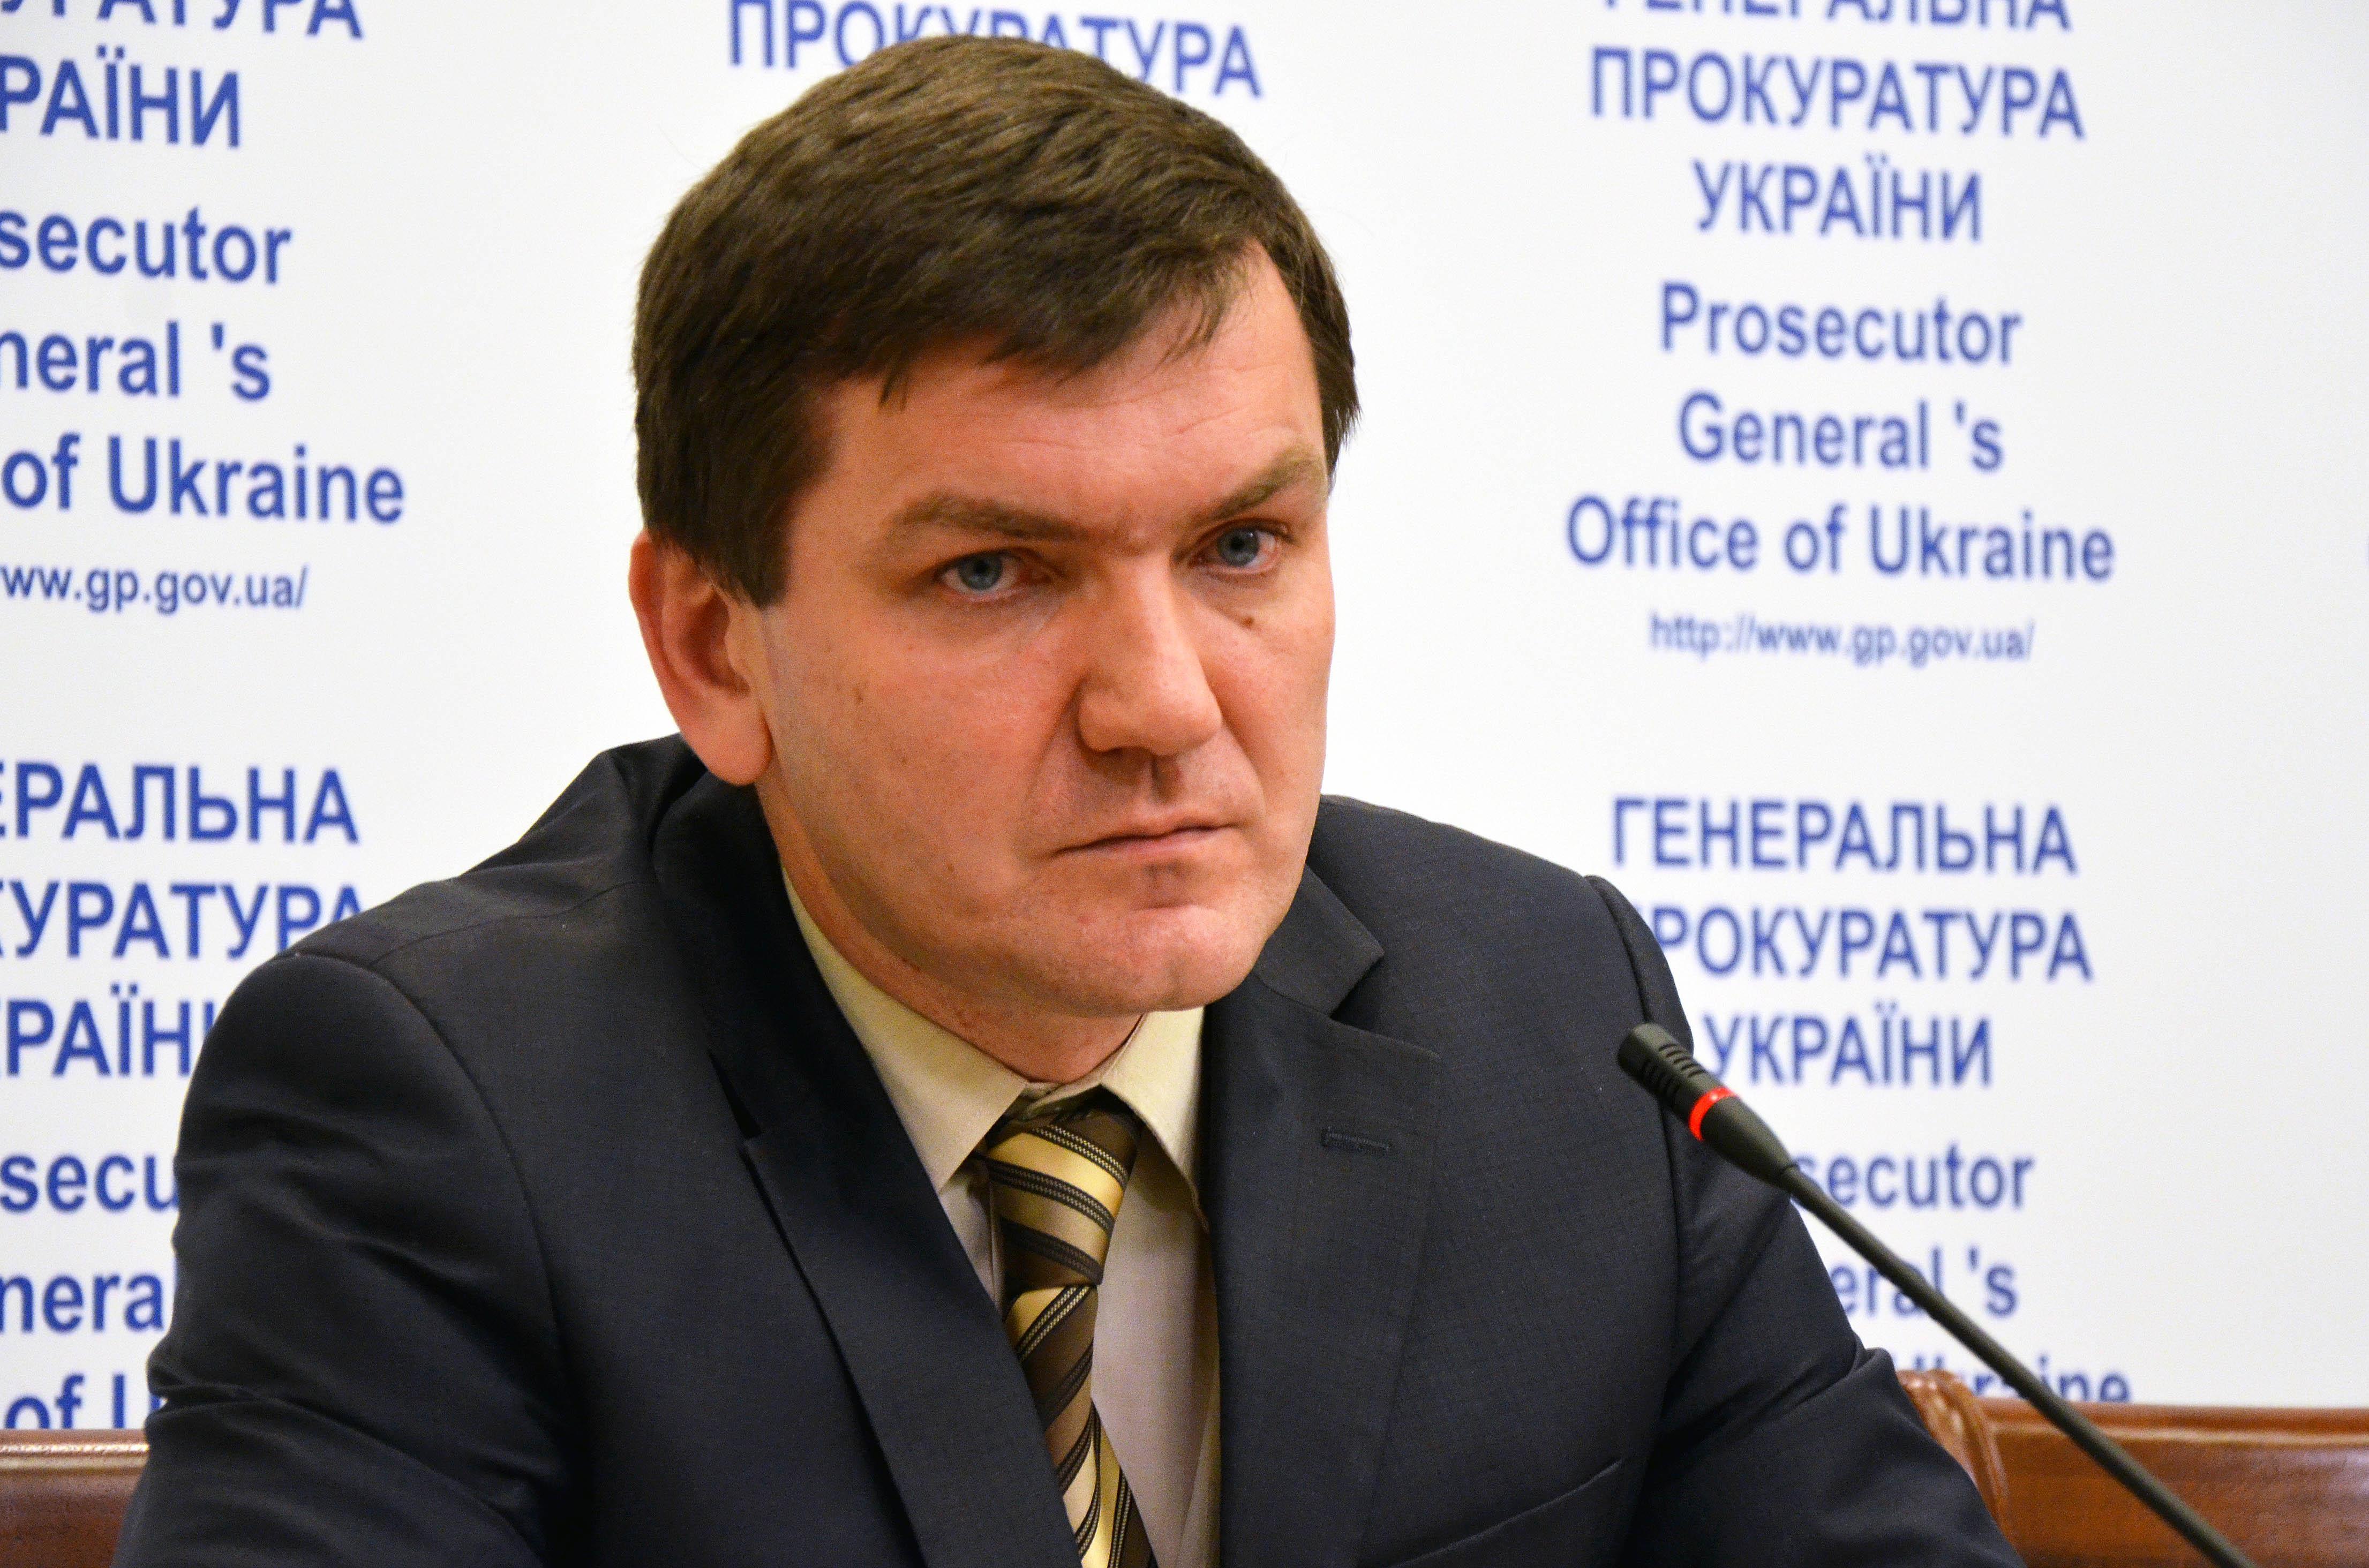 Горбатюк: события в Одессе 2 мая должна расследовать единая следственная группа